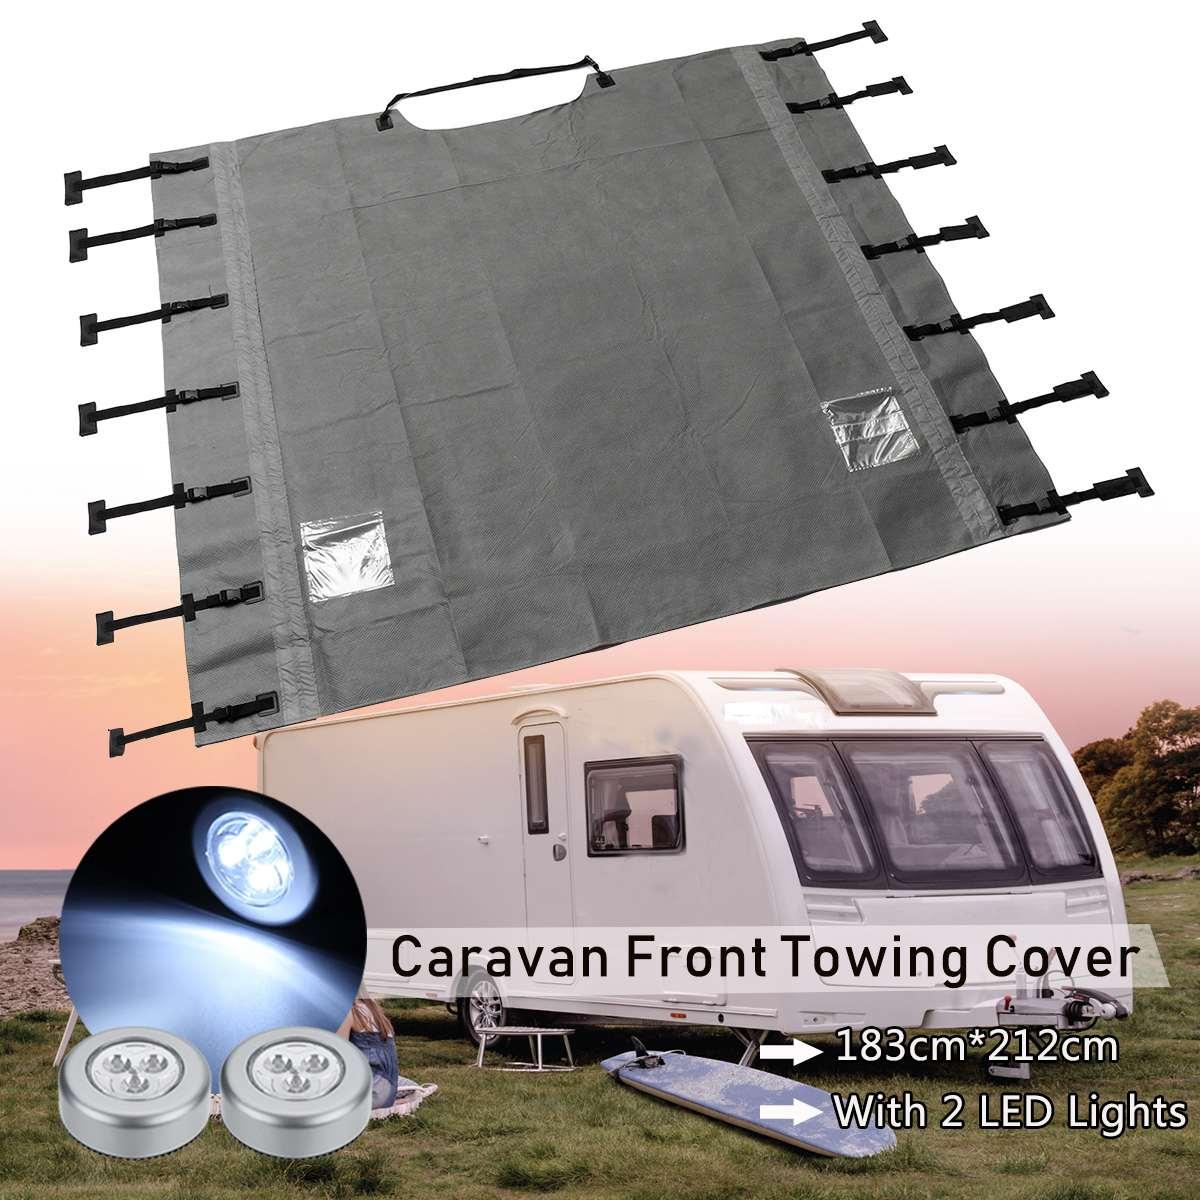 Couverture universelle de remorquage avant de caravane étanche à la poussière avec des lumières LED pour camping-car RV